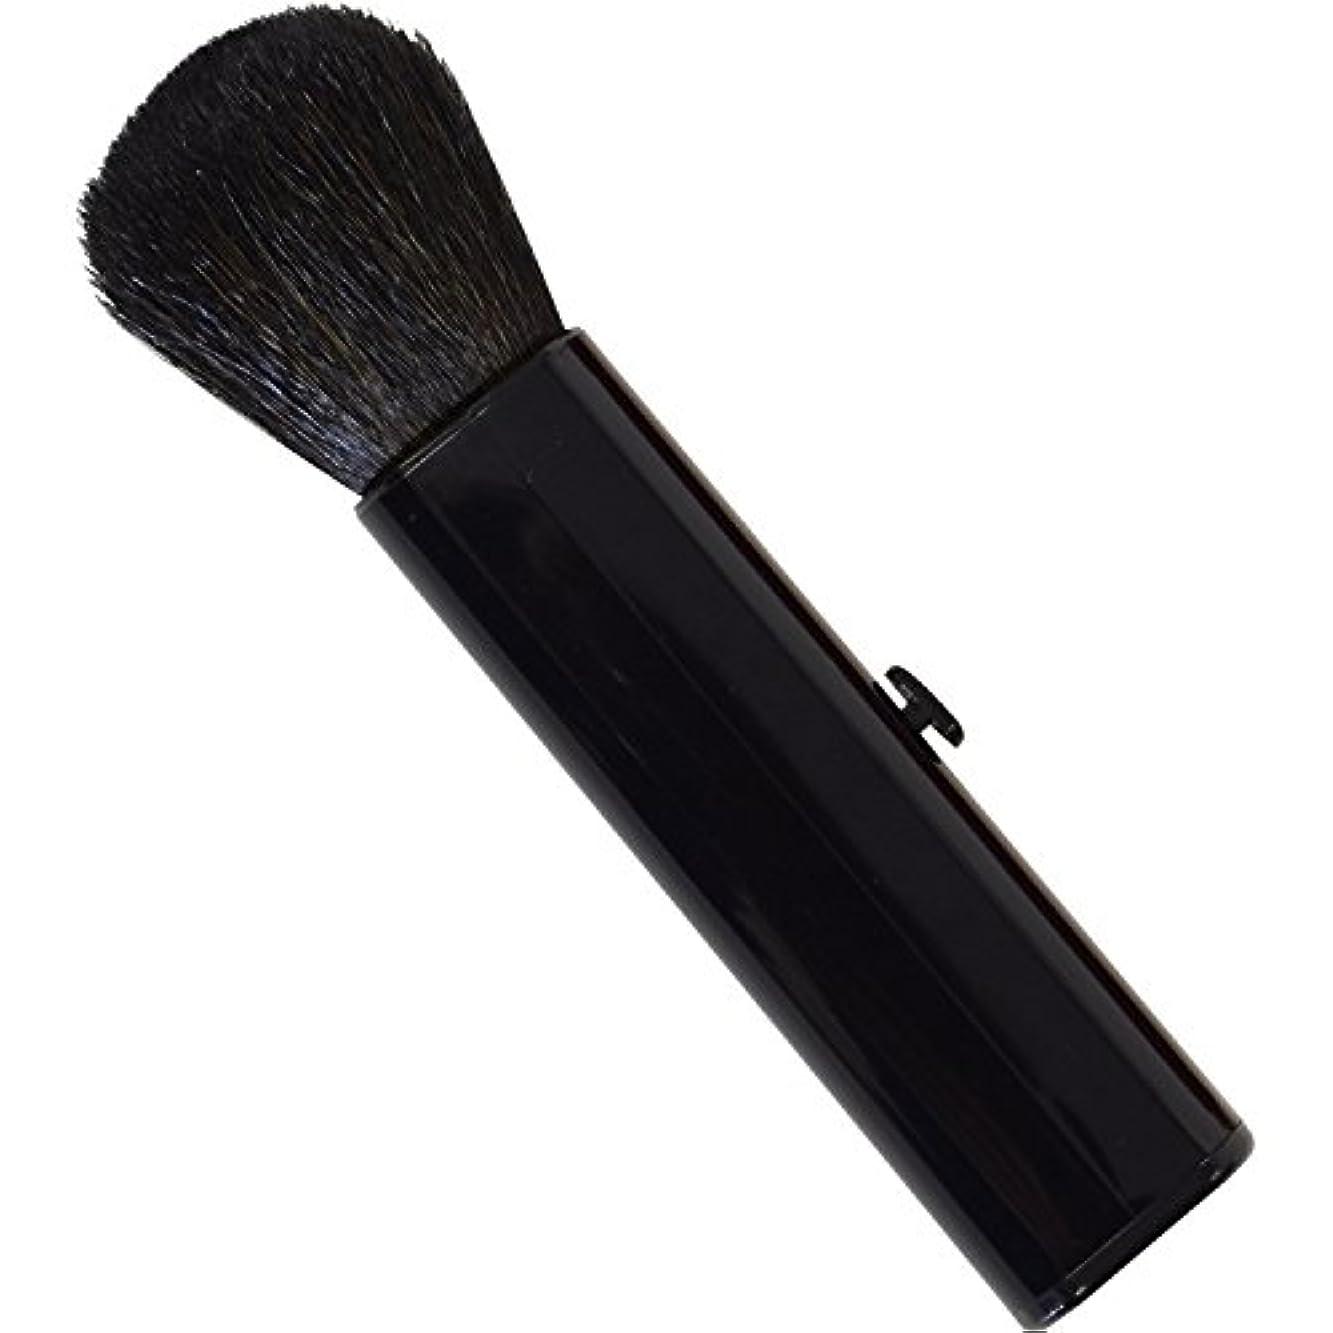 聴く遊具大脳SC-704BK 六角館さくら堂 スライドチークブラシ 黒 山羊毛100% シンプルなデザイン 便利なケース付き